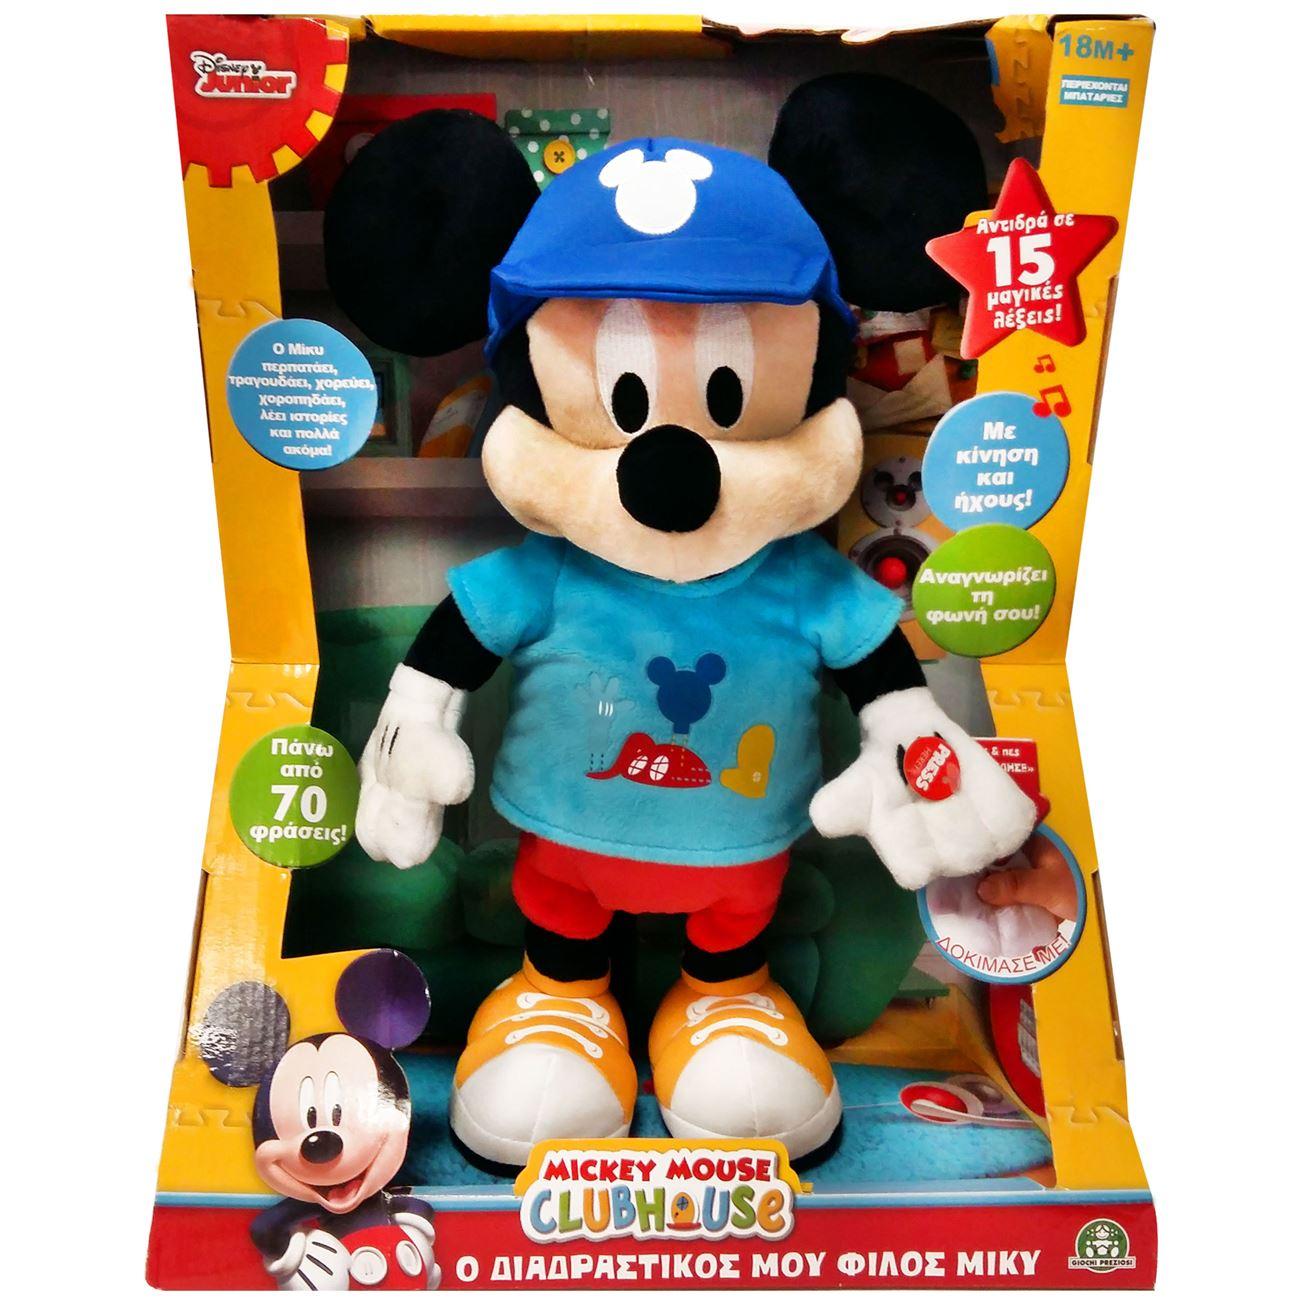 3184c0684ba Figurina interactiva Mickey Mouse ClubHouse Giochi Preziosi ...